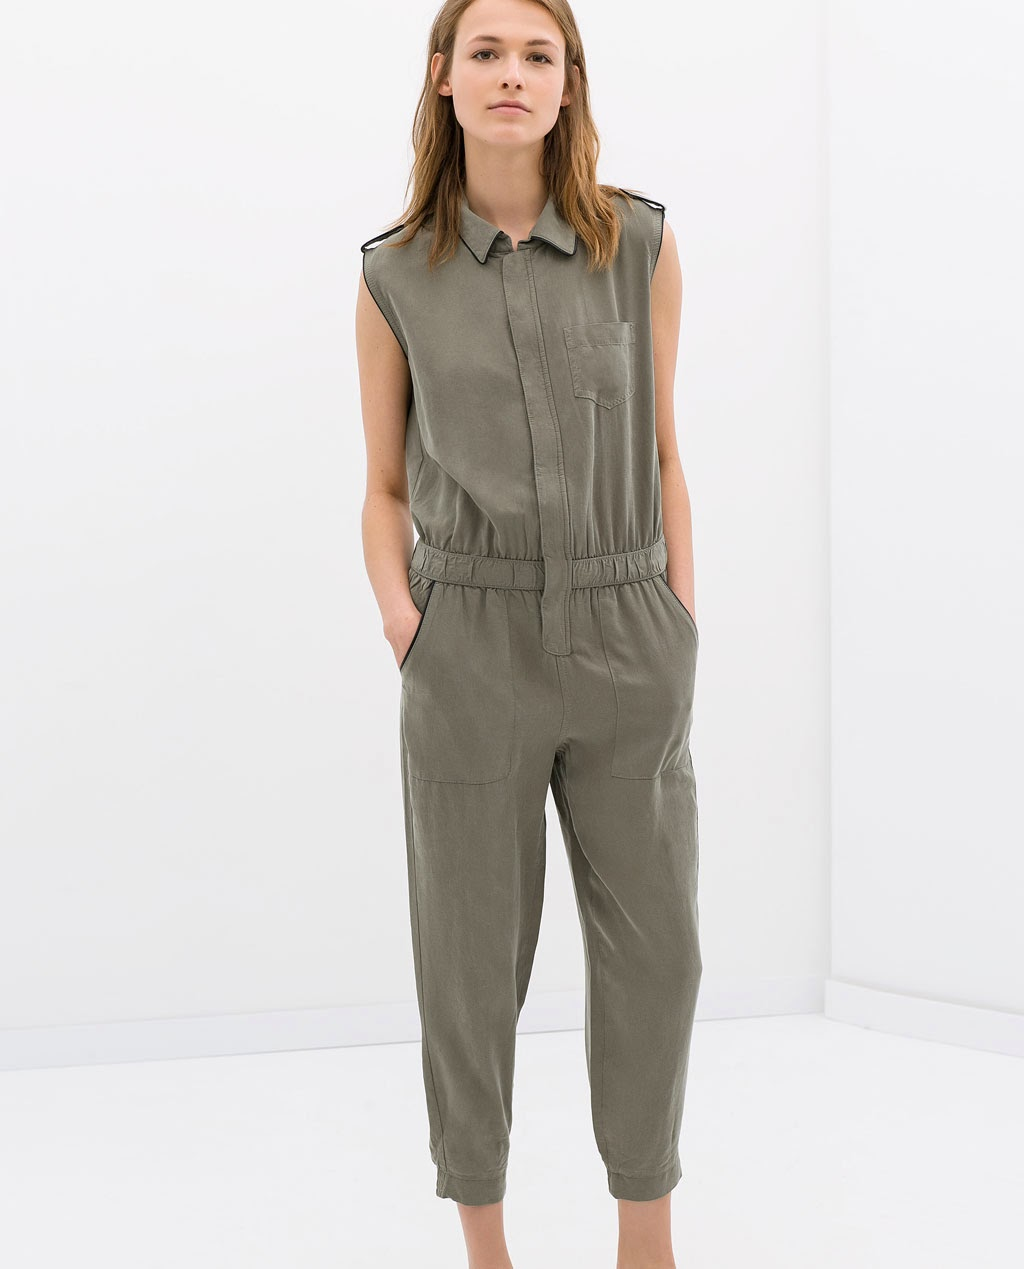 Pon un mono o jumpsuit en tu vida porque son ideales para el verano, tanto cortos como largos, colores lisos y estampados